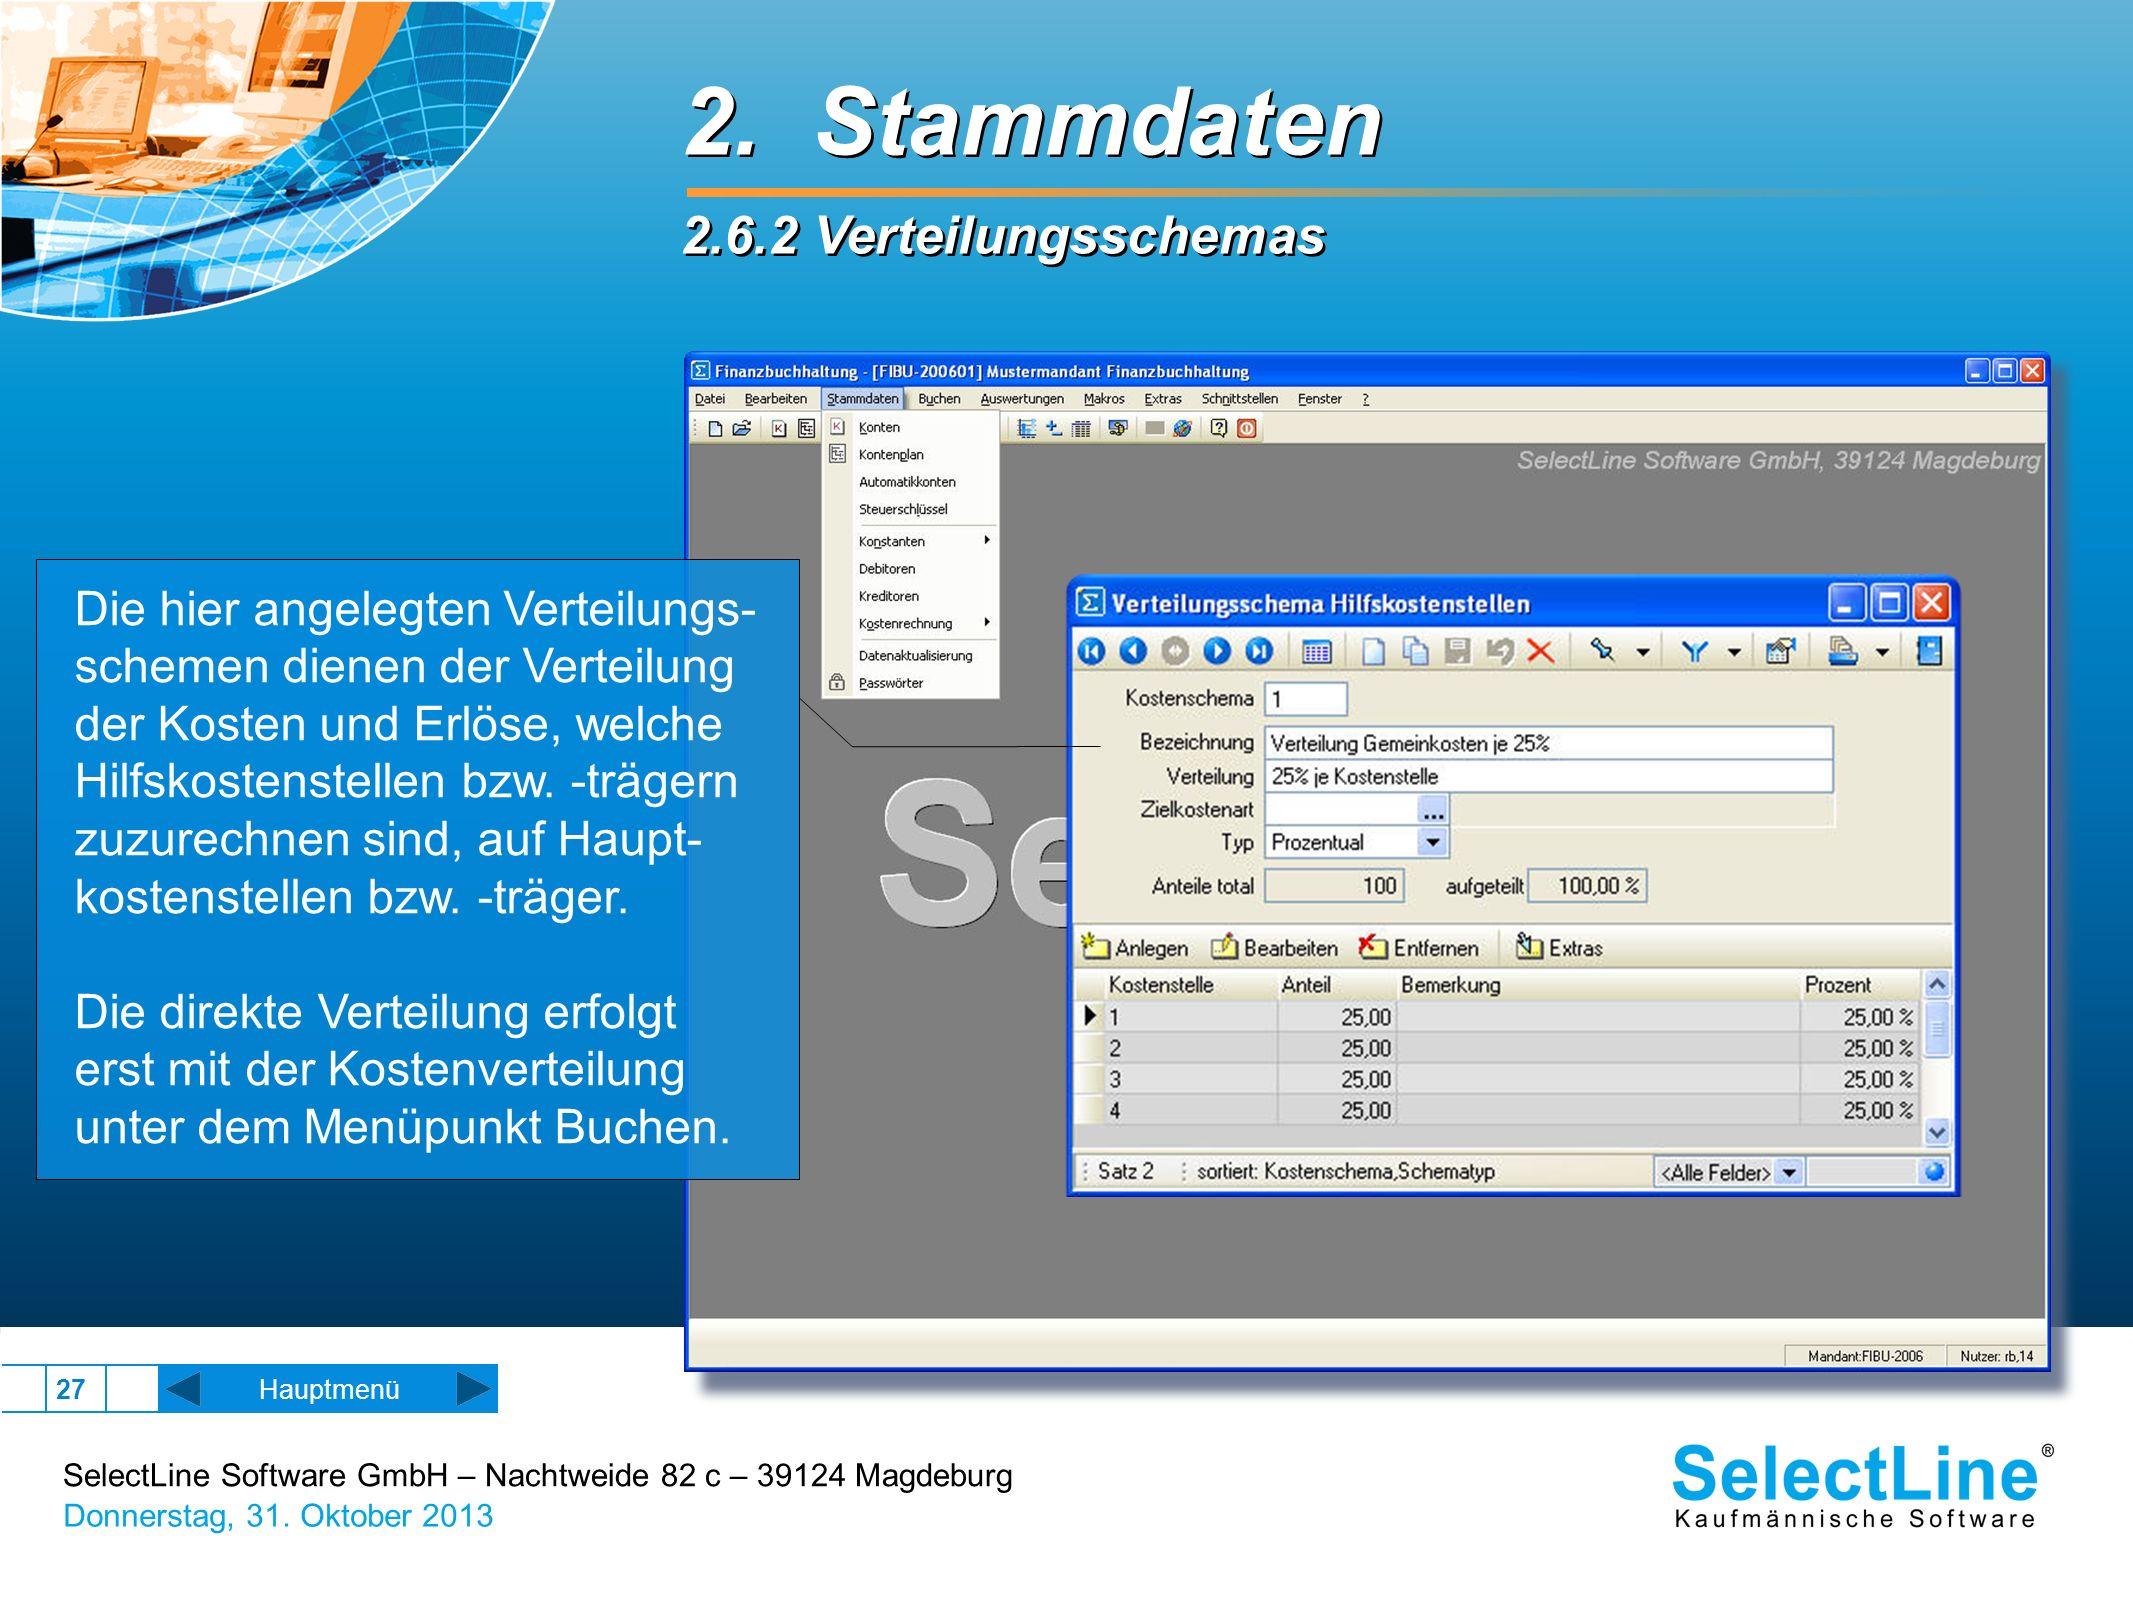 SelectLine Software GmbH – Nachtweide 82 c – 39124 Magdeburg Donnerstag, 31. Oktober 2013 27 Hauptmenü 2. Stammdaten 2.6.2 Verteilungsschemas 2. Stamm